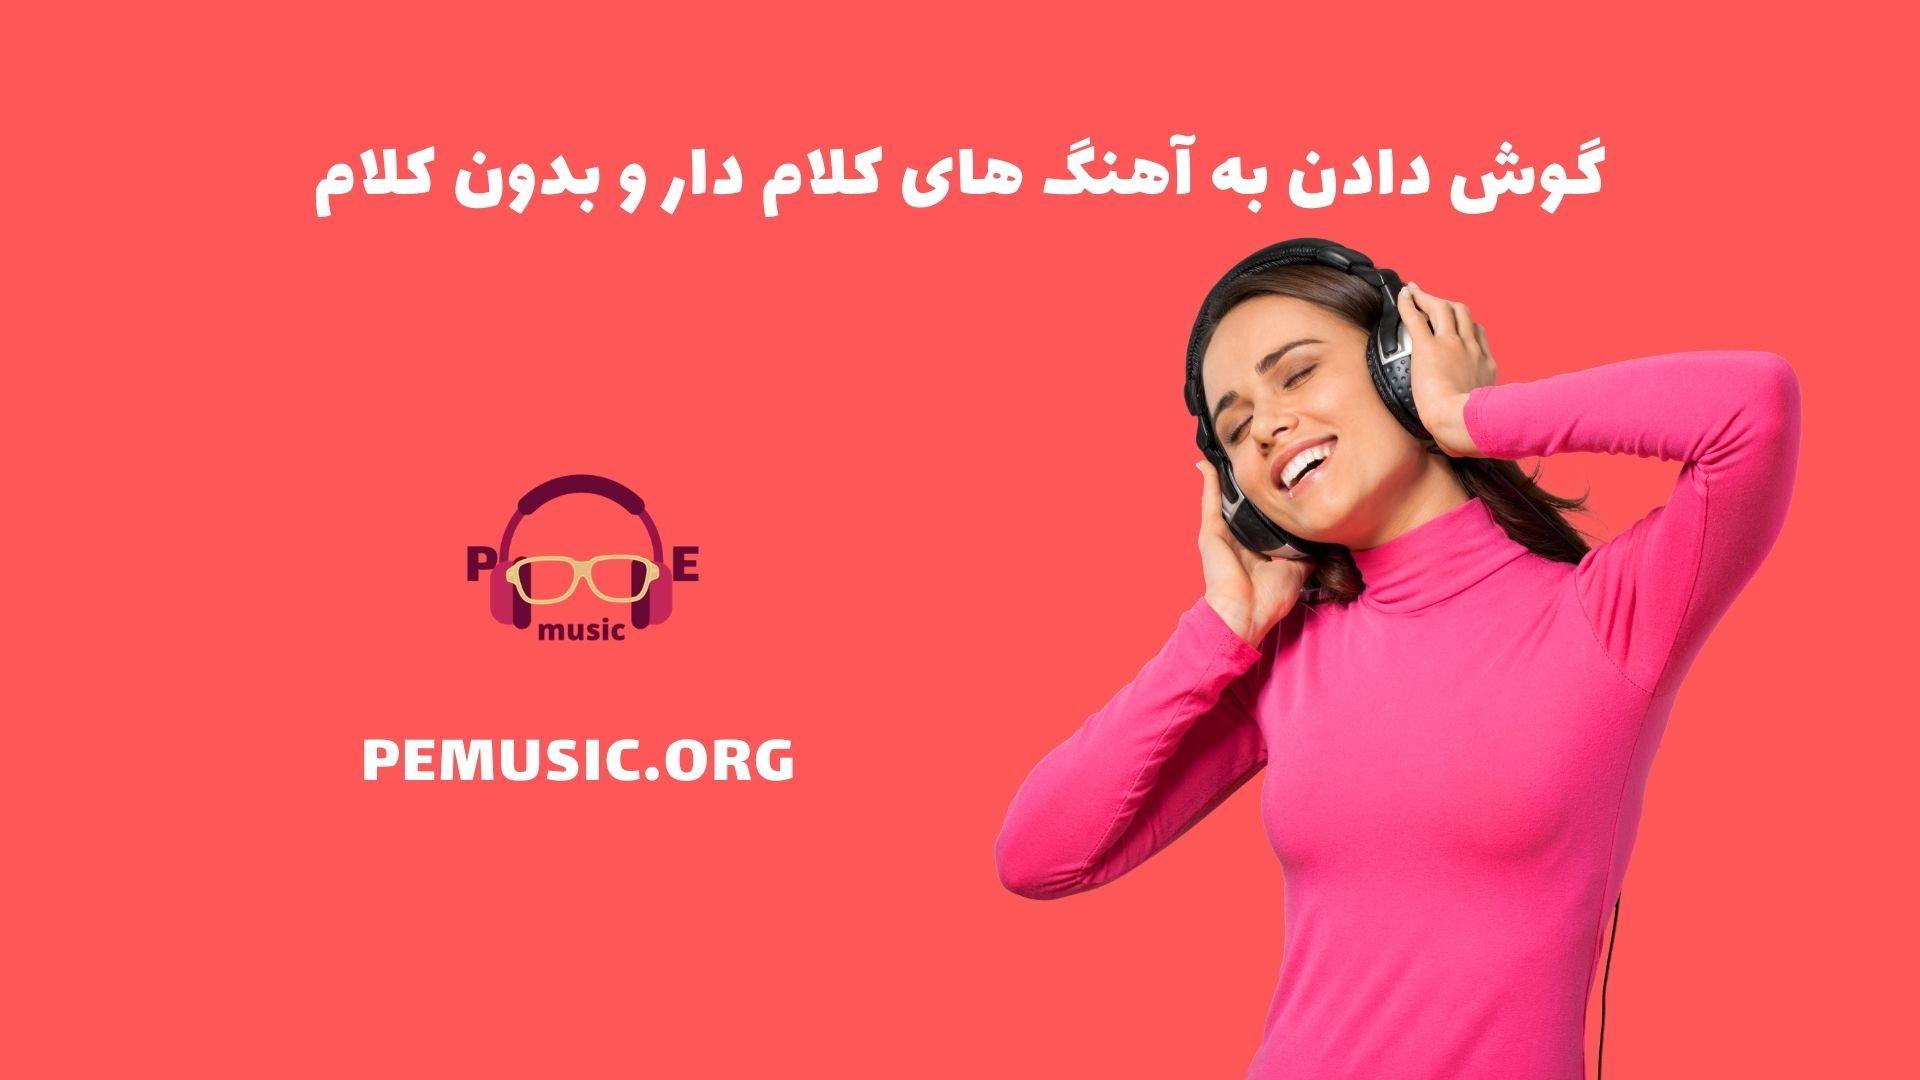 گوش دادن به آهنگ های کلام دار و بدون کلام